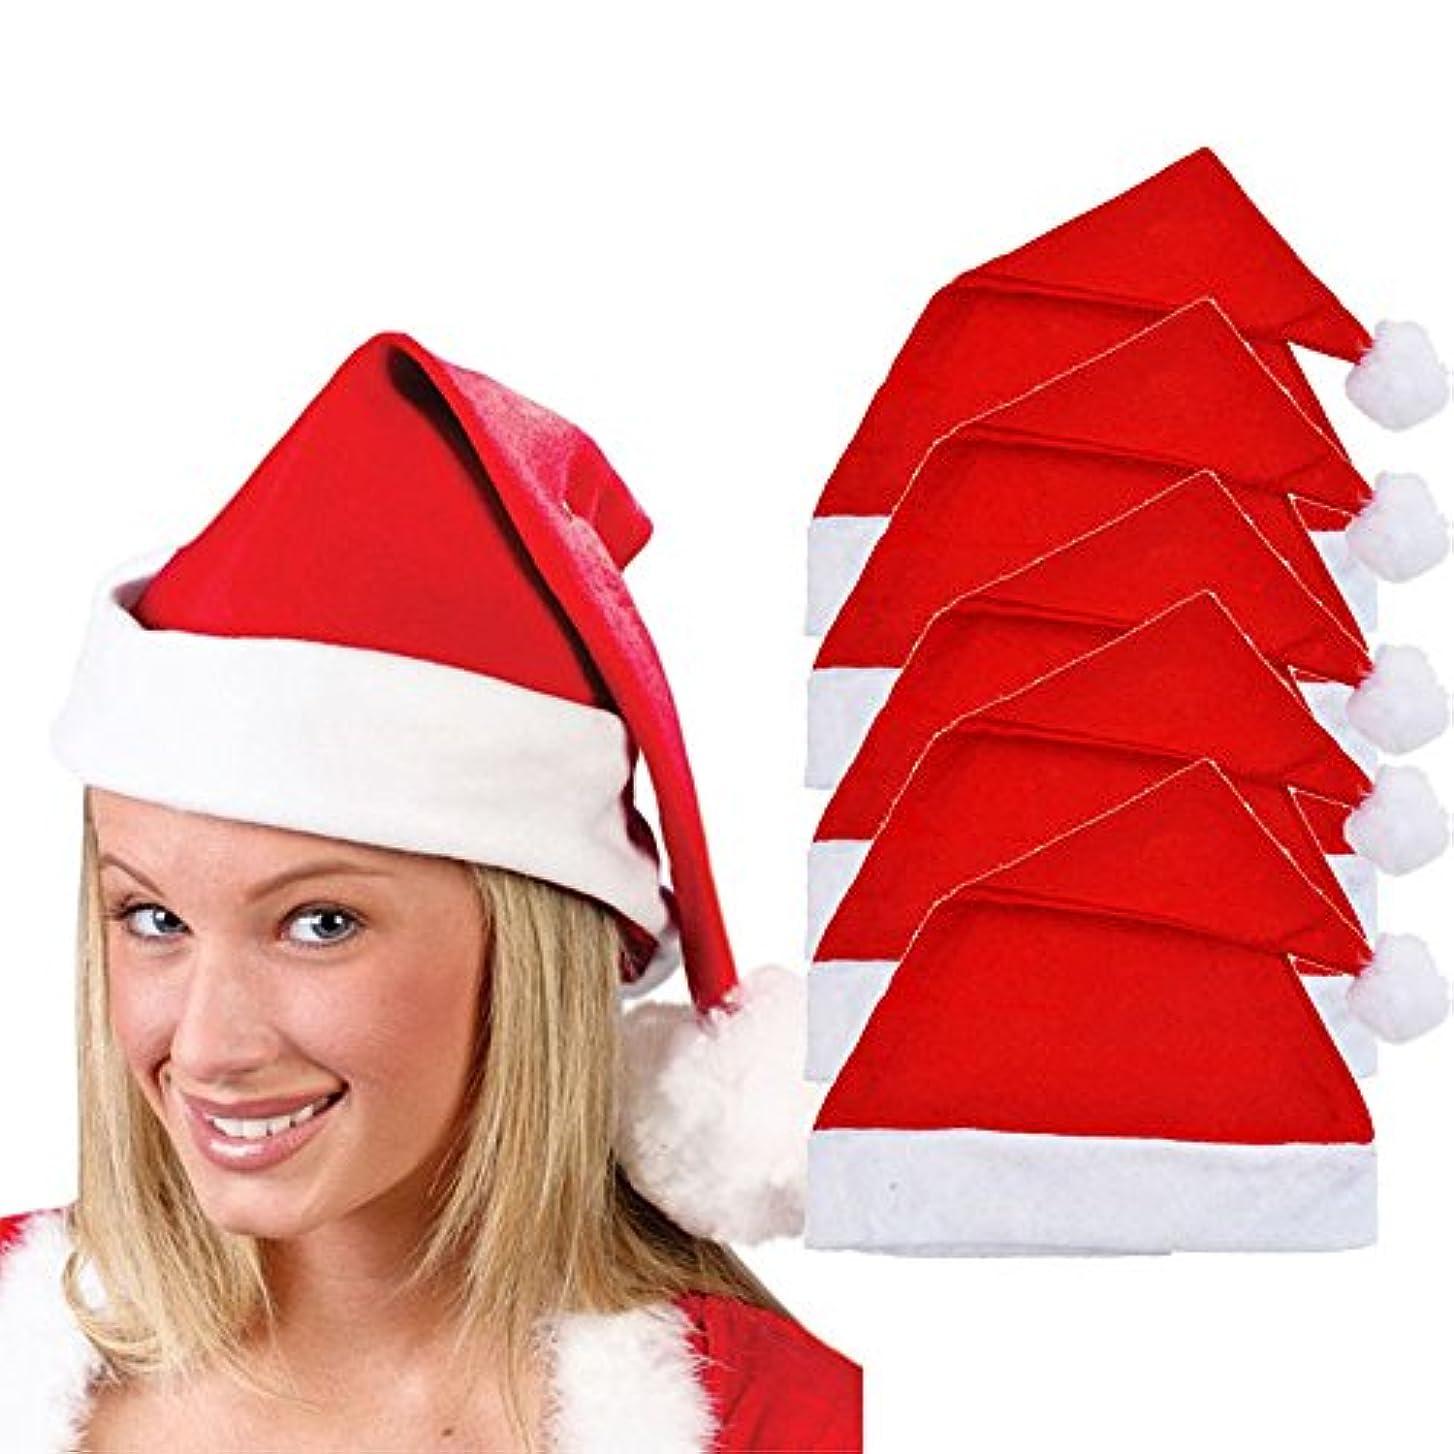 劇場オプション重要Racazing クリスマスハット 5つの レッド Hat ライト ドームキャップ 防寒対策 通気性のある 防風 ニット帽 暖かい 軽量 屋外 スキー 自転車 クリスマス 男女兼用 Christmas Cap